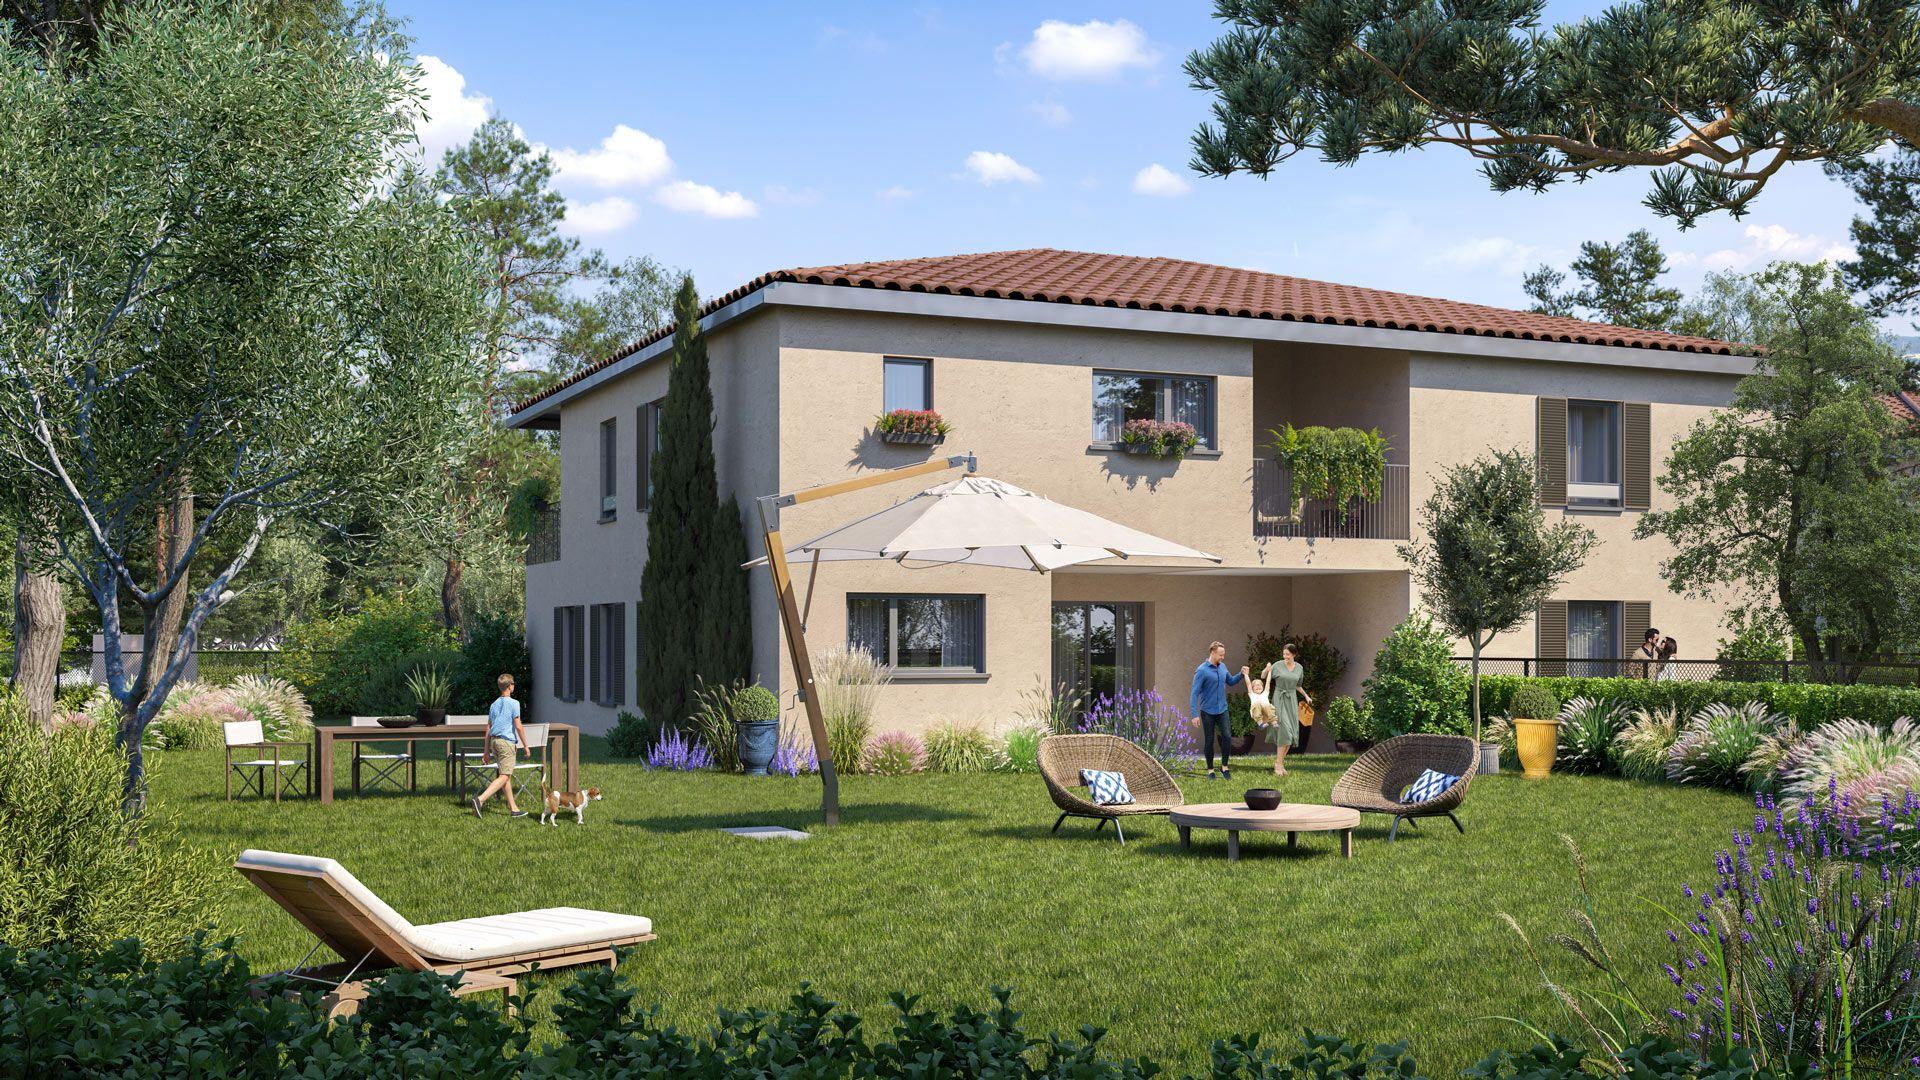 Programme immobilier EUR24 appartement à Aix-En-Provence (13100) Quartier résidentiel recherché